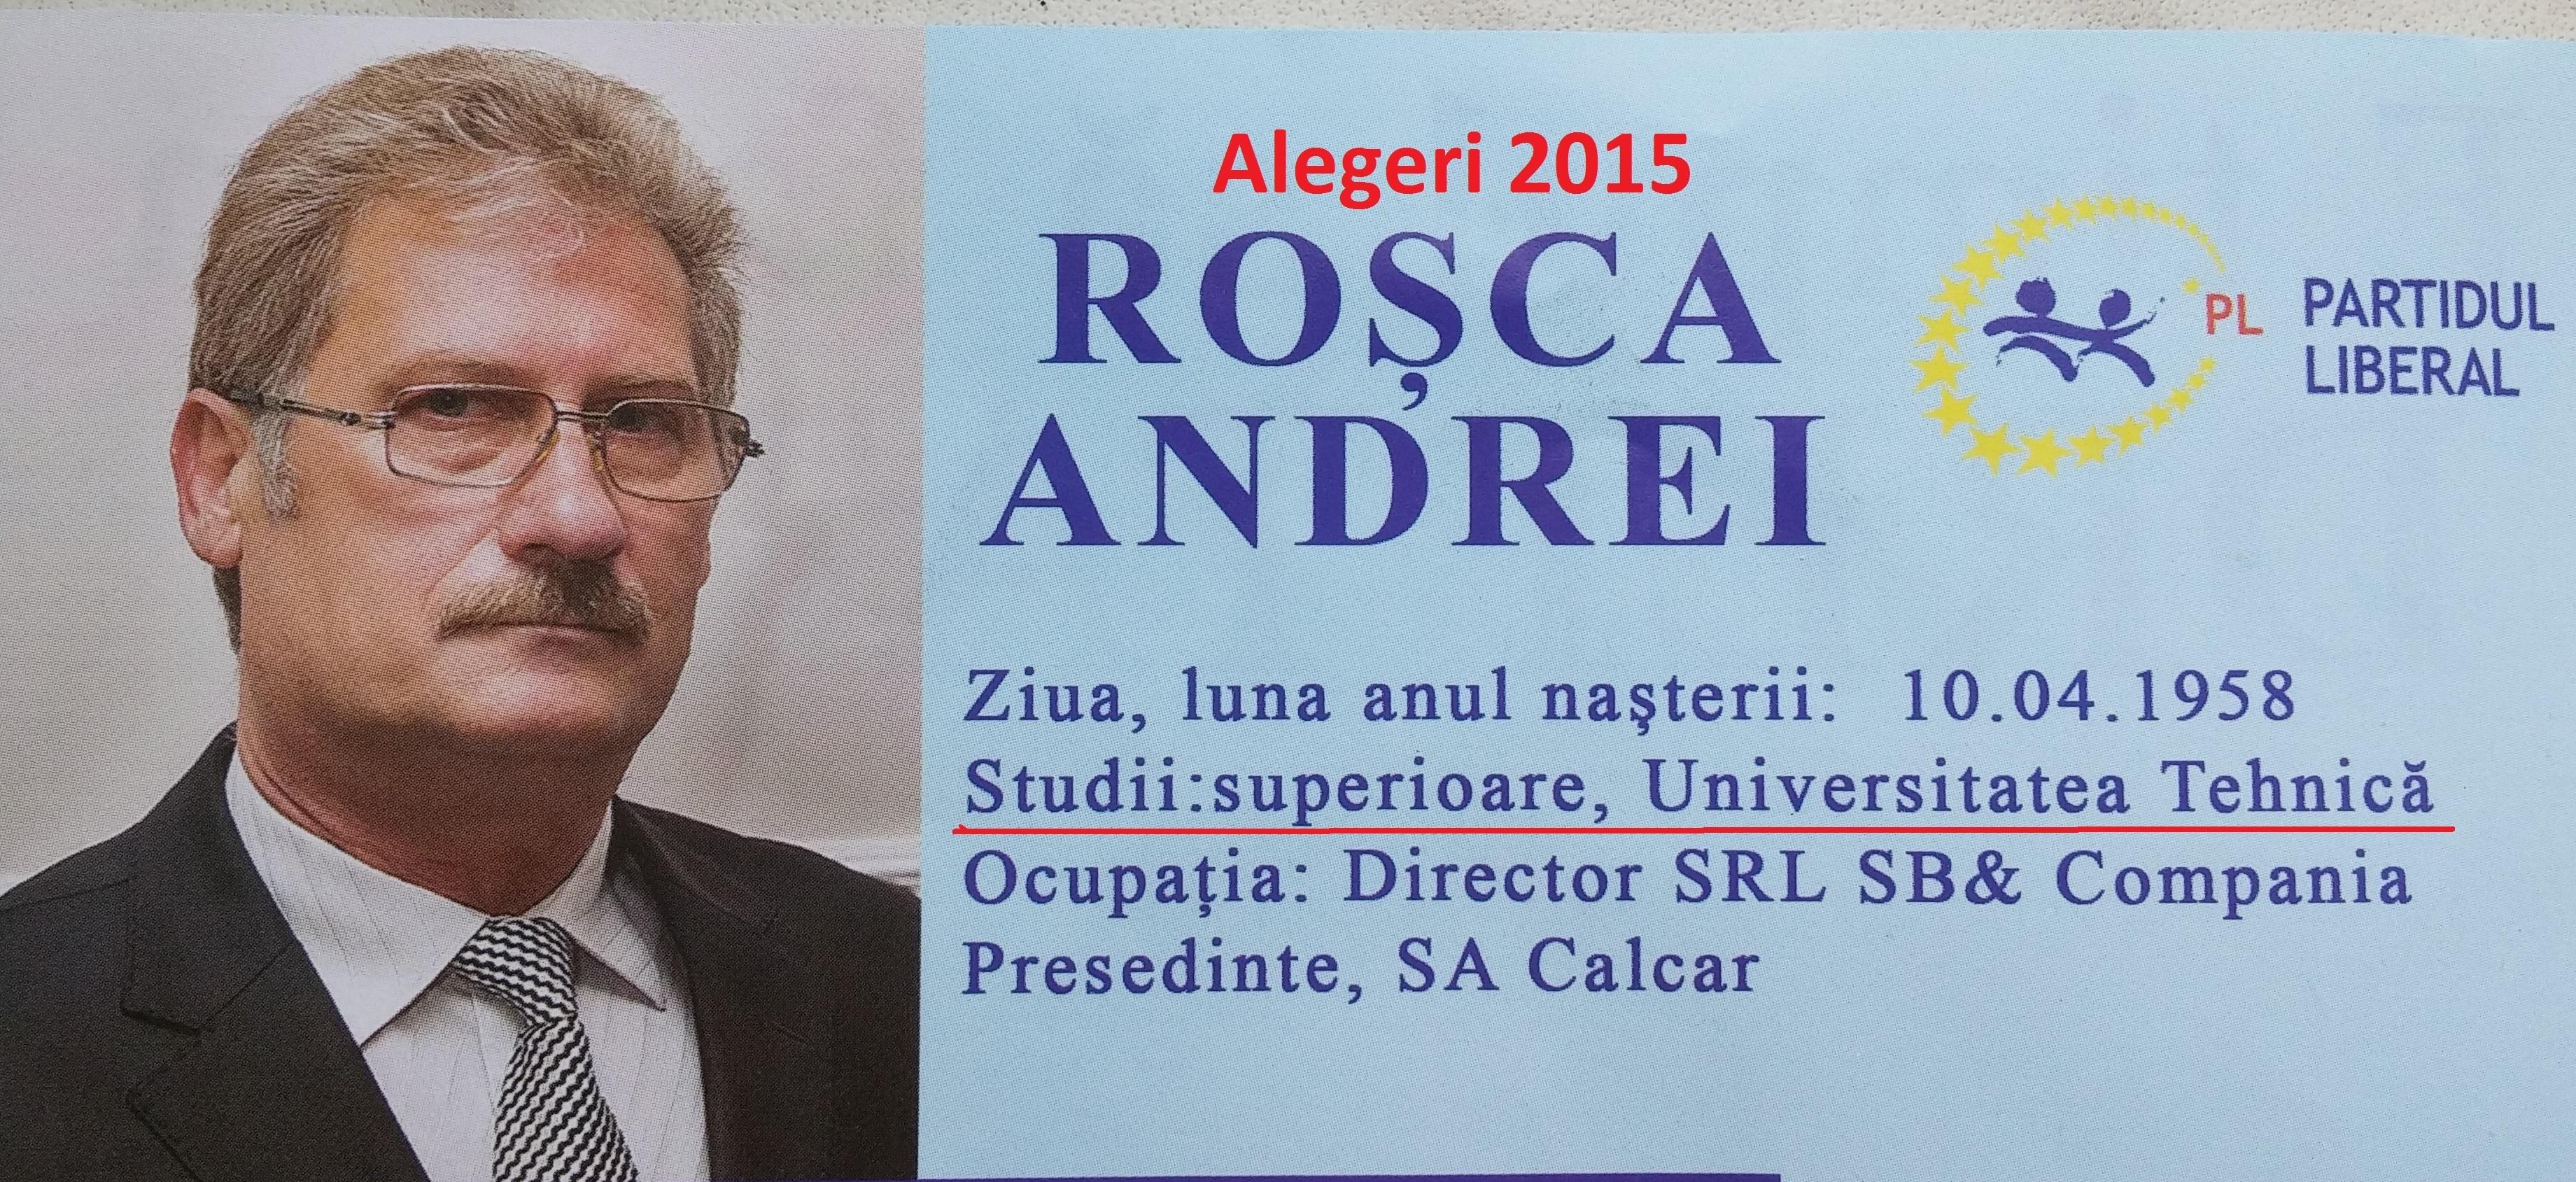 2015 Rosca.jpg